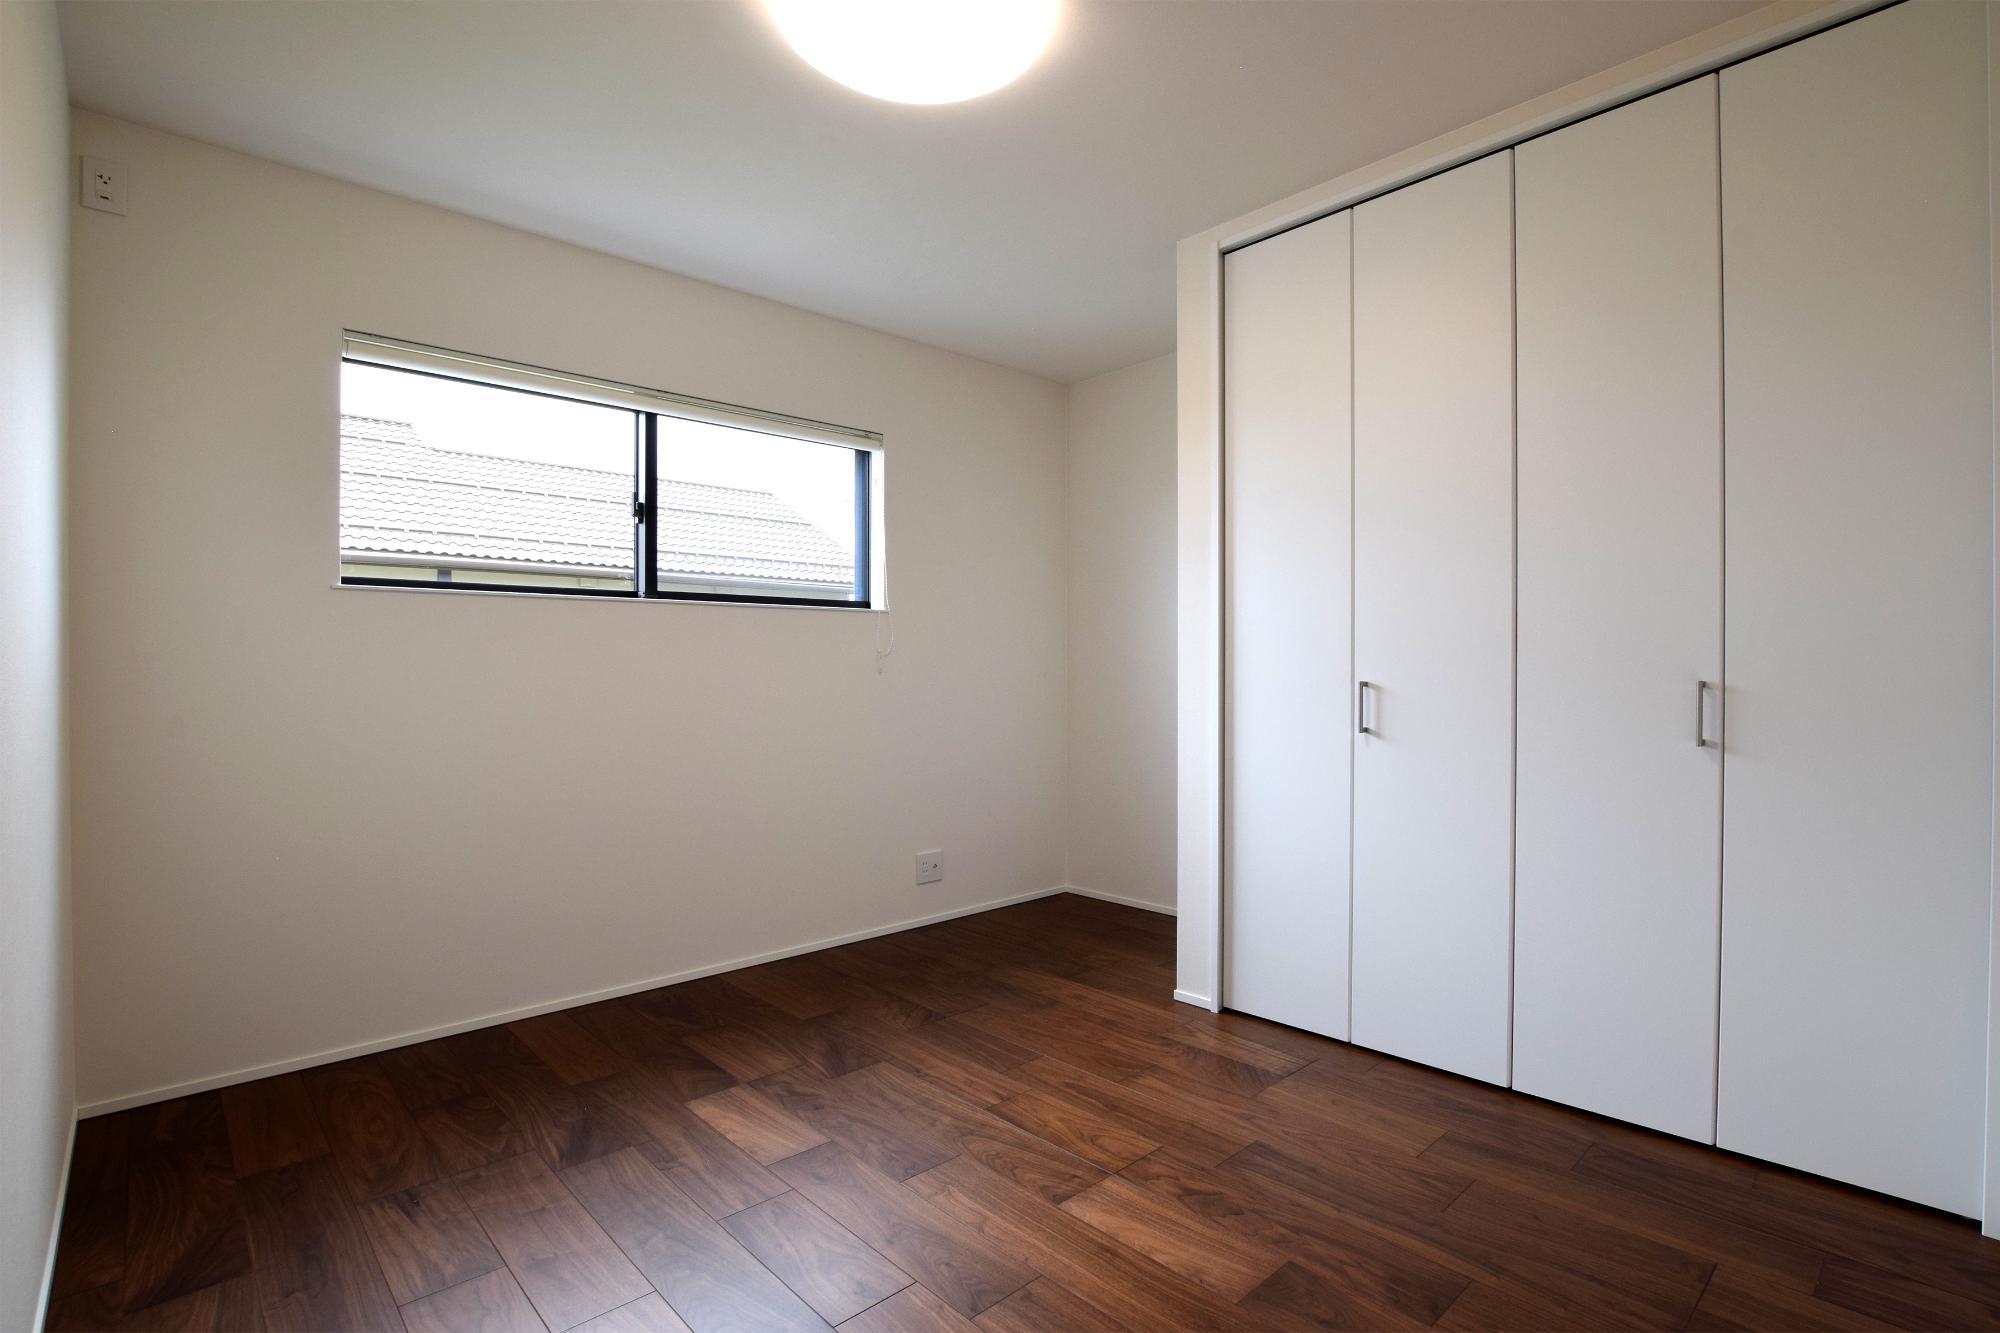 DETAIL HOME(ディテールホーム)「充実収納のスタイリッシュハウス」のモダン・和風・和モダンな居室の実例写真